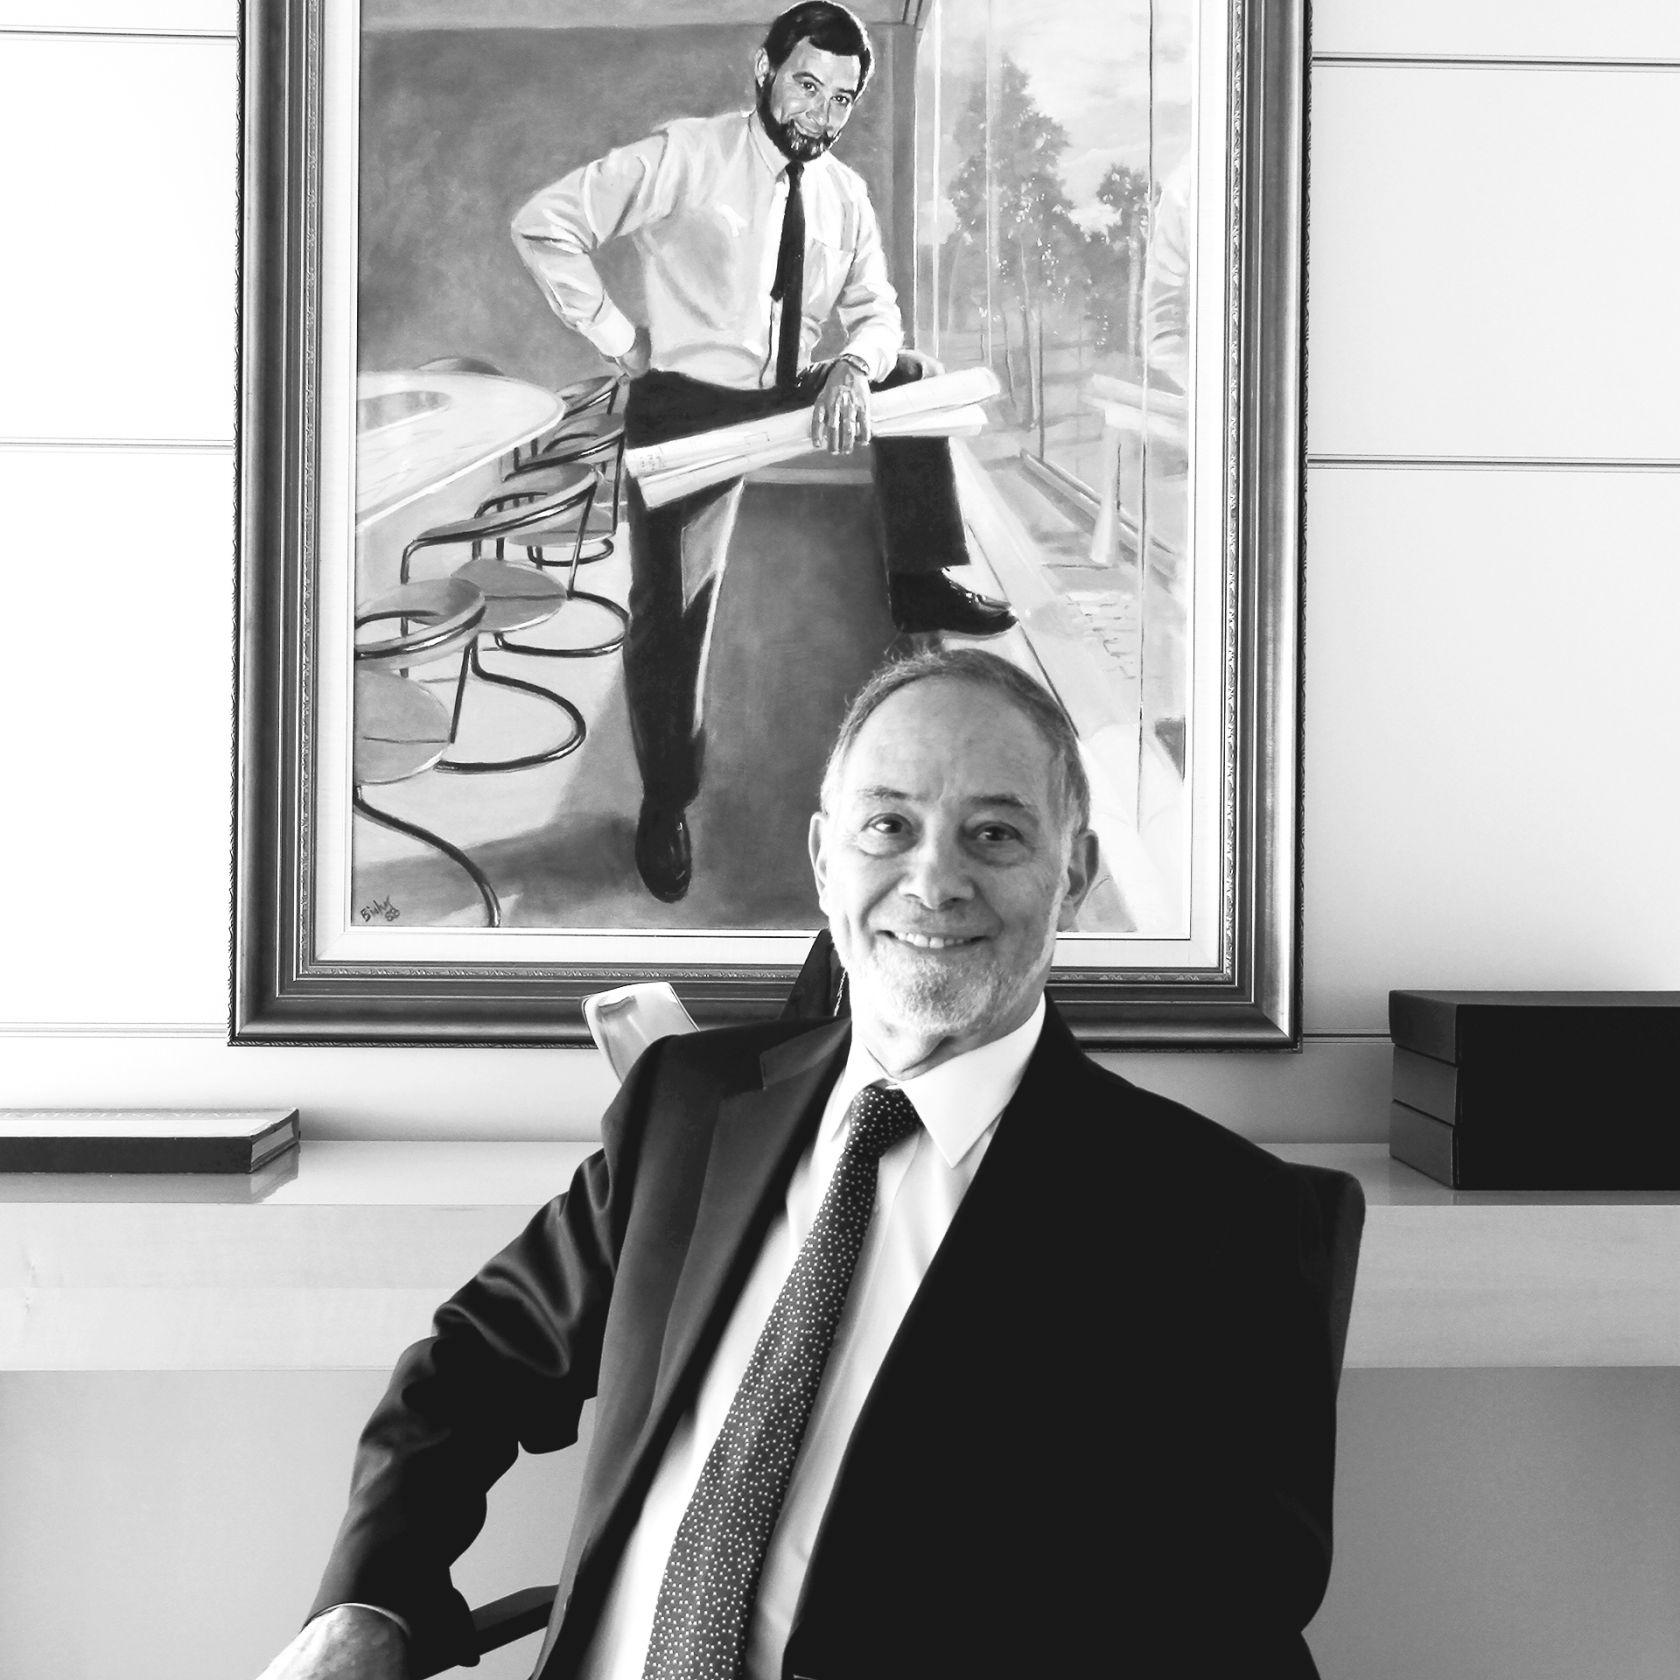 Tony Schiavello